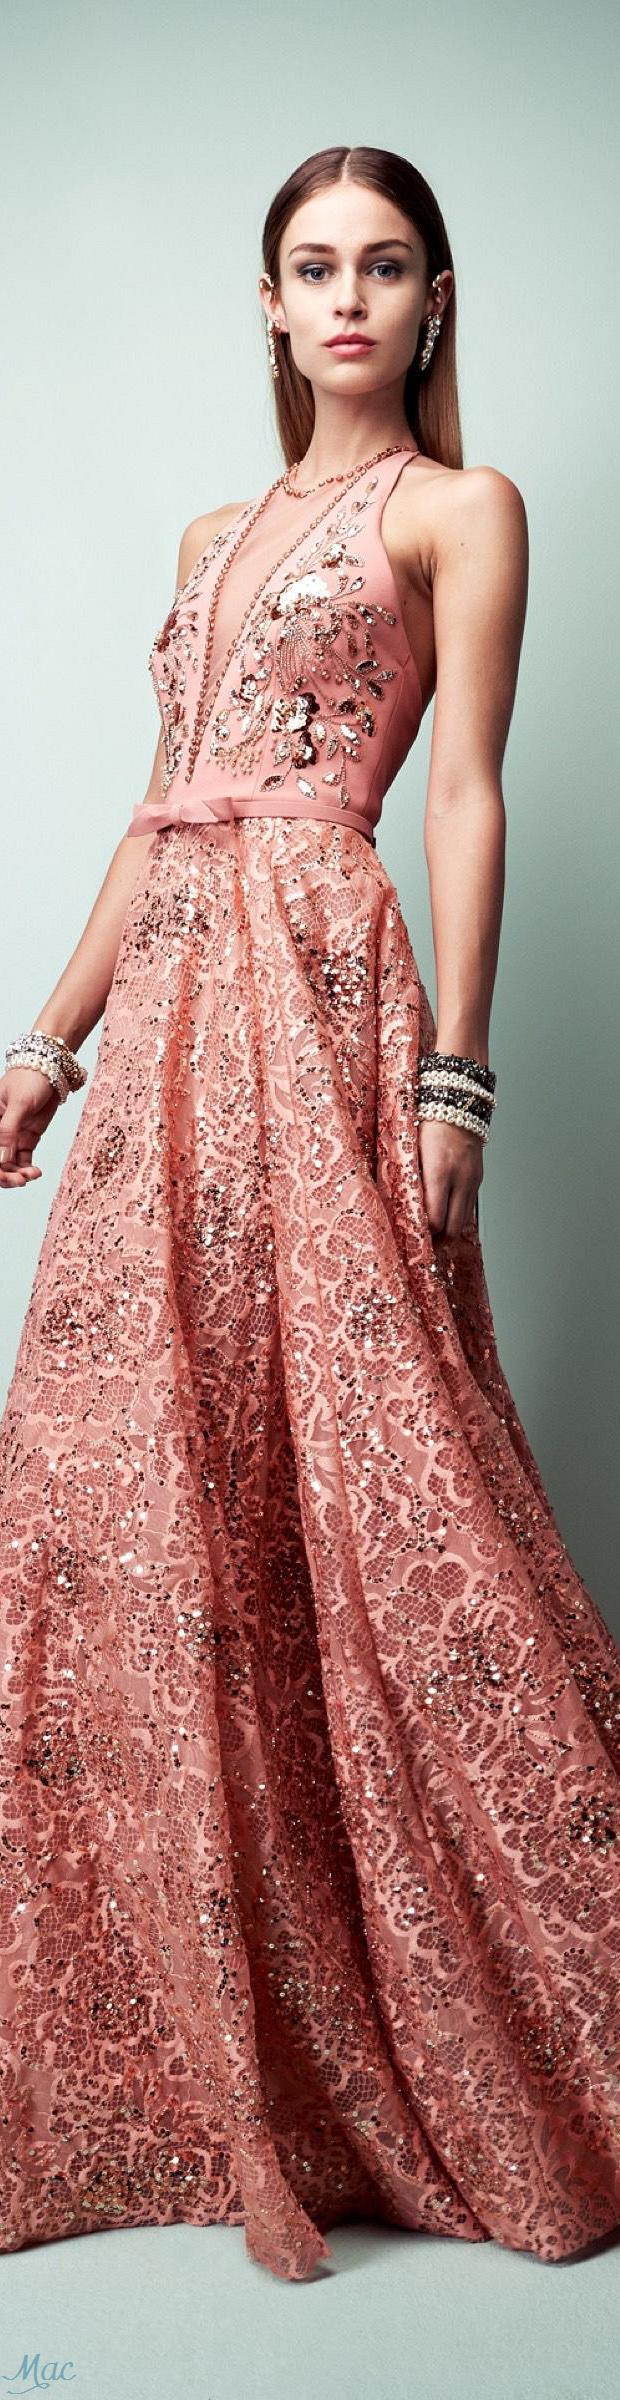 Lujoso Vestidos De Fiesta En Birmingham Alabama Molde - Colección de ...